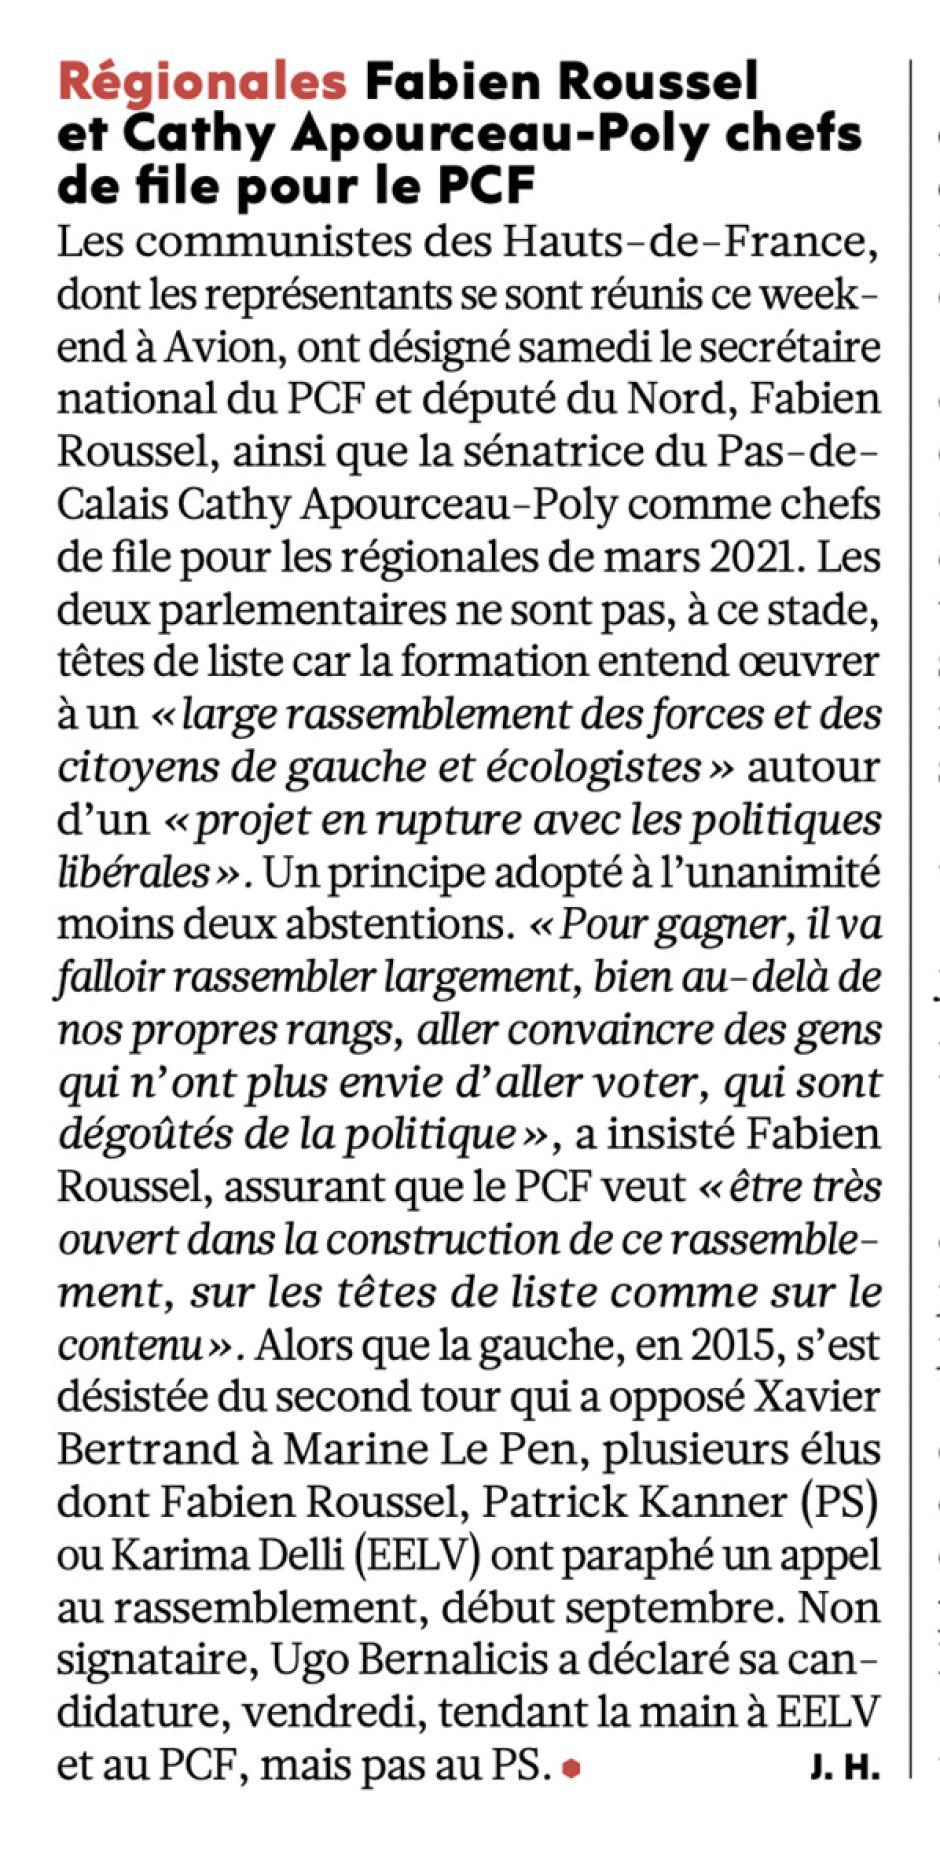 20200928-L'Huma-Hauts-de-France-Fabien Roussel et Cathy Apourceau-Poly chefs de file pour le PCF